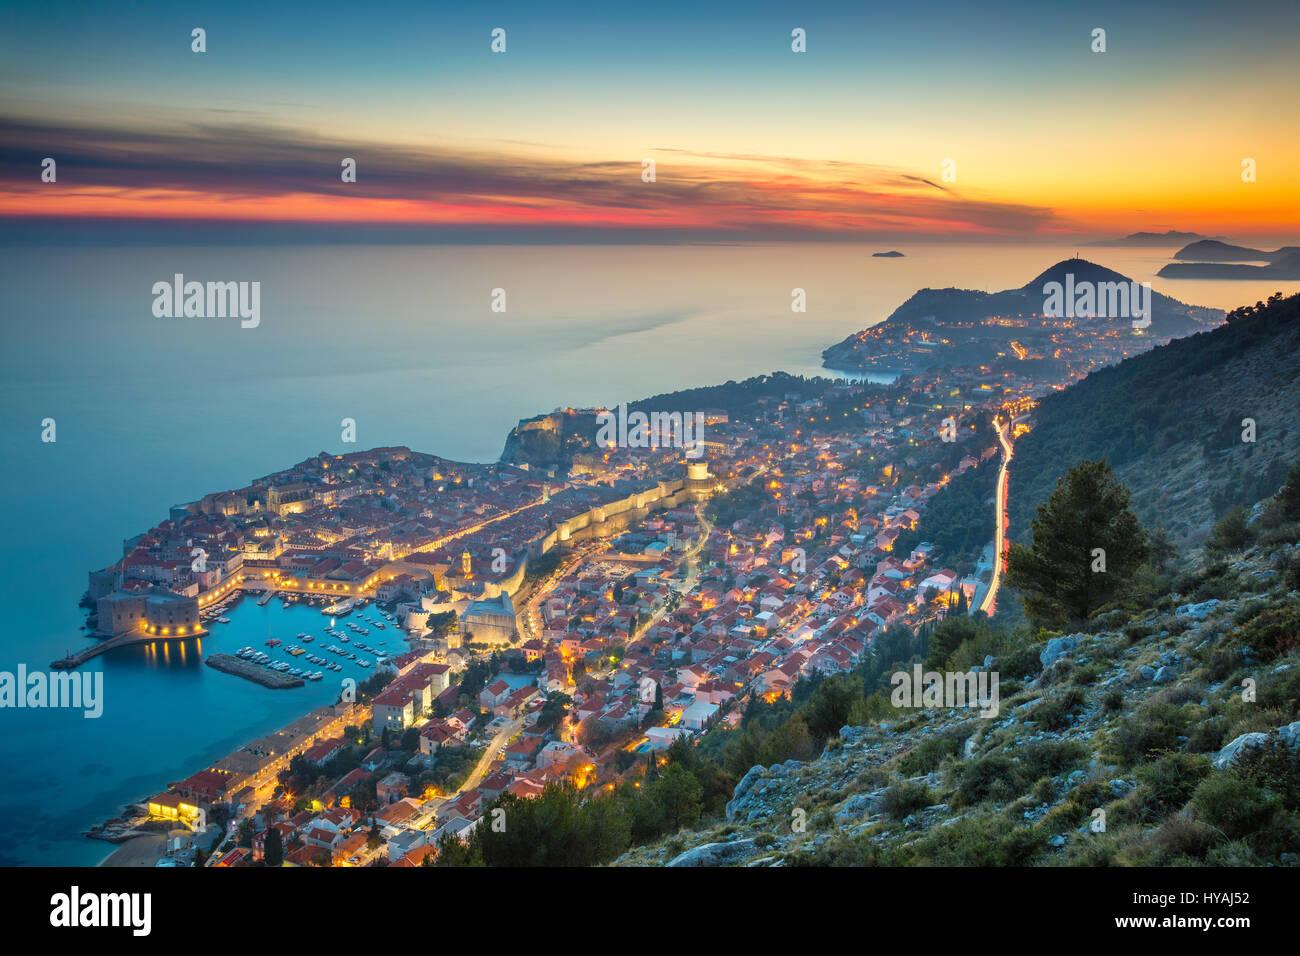 Dubrovnik, Croacia. Bonito y romántico casco antiguo de Dubrovnik durante la puesta de sol. Imagen De Stock